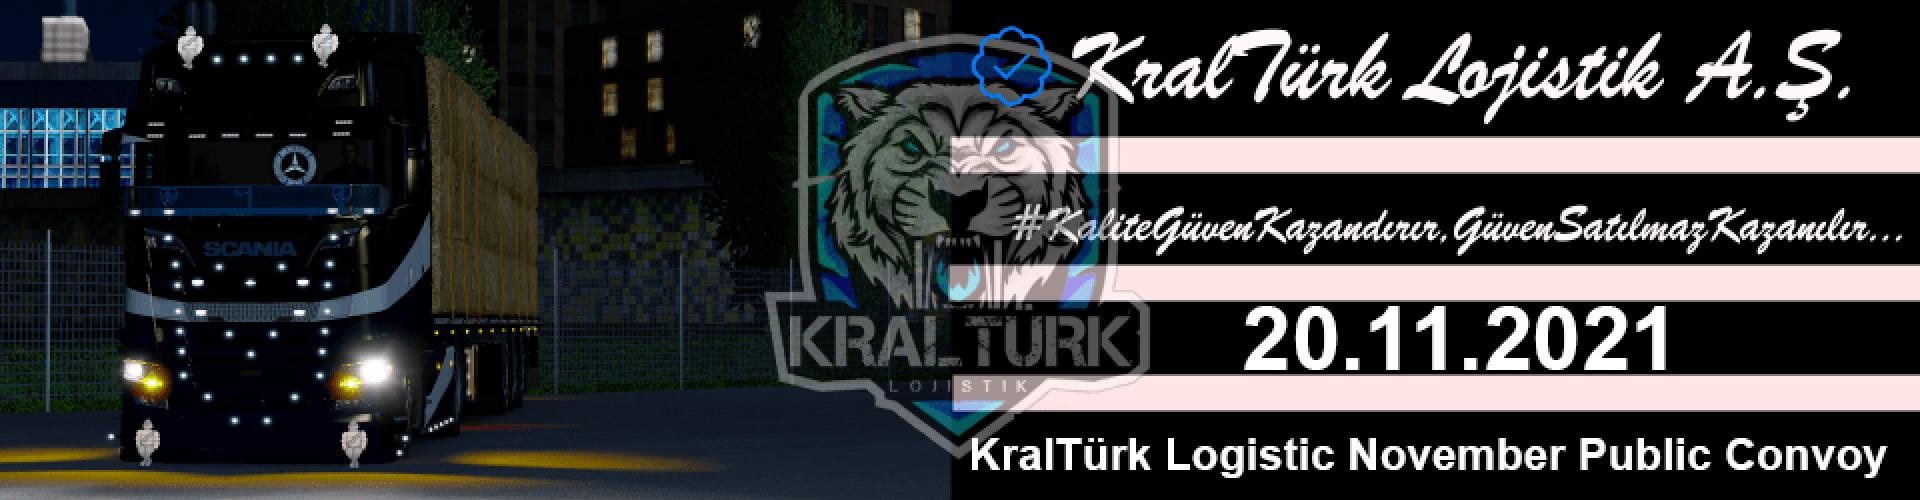 KralTürk Logistic A.Ş November Public Convoy